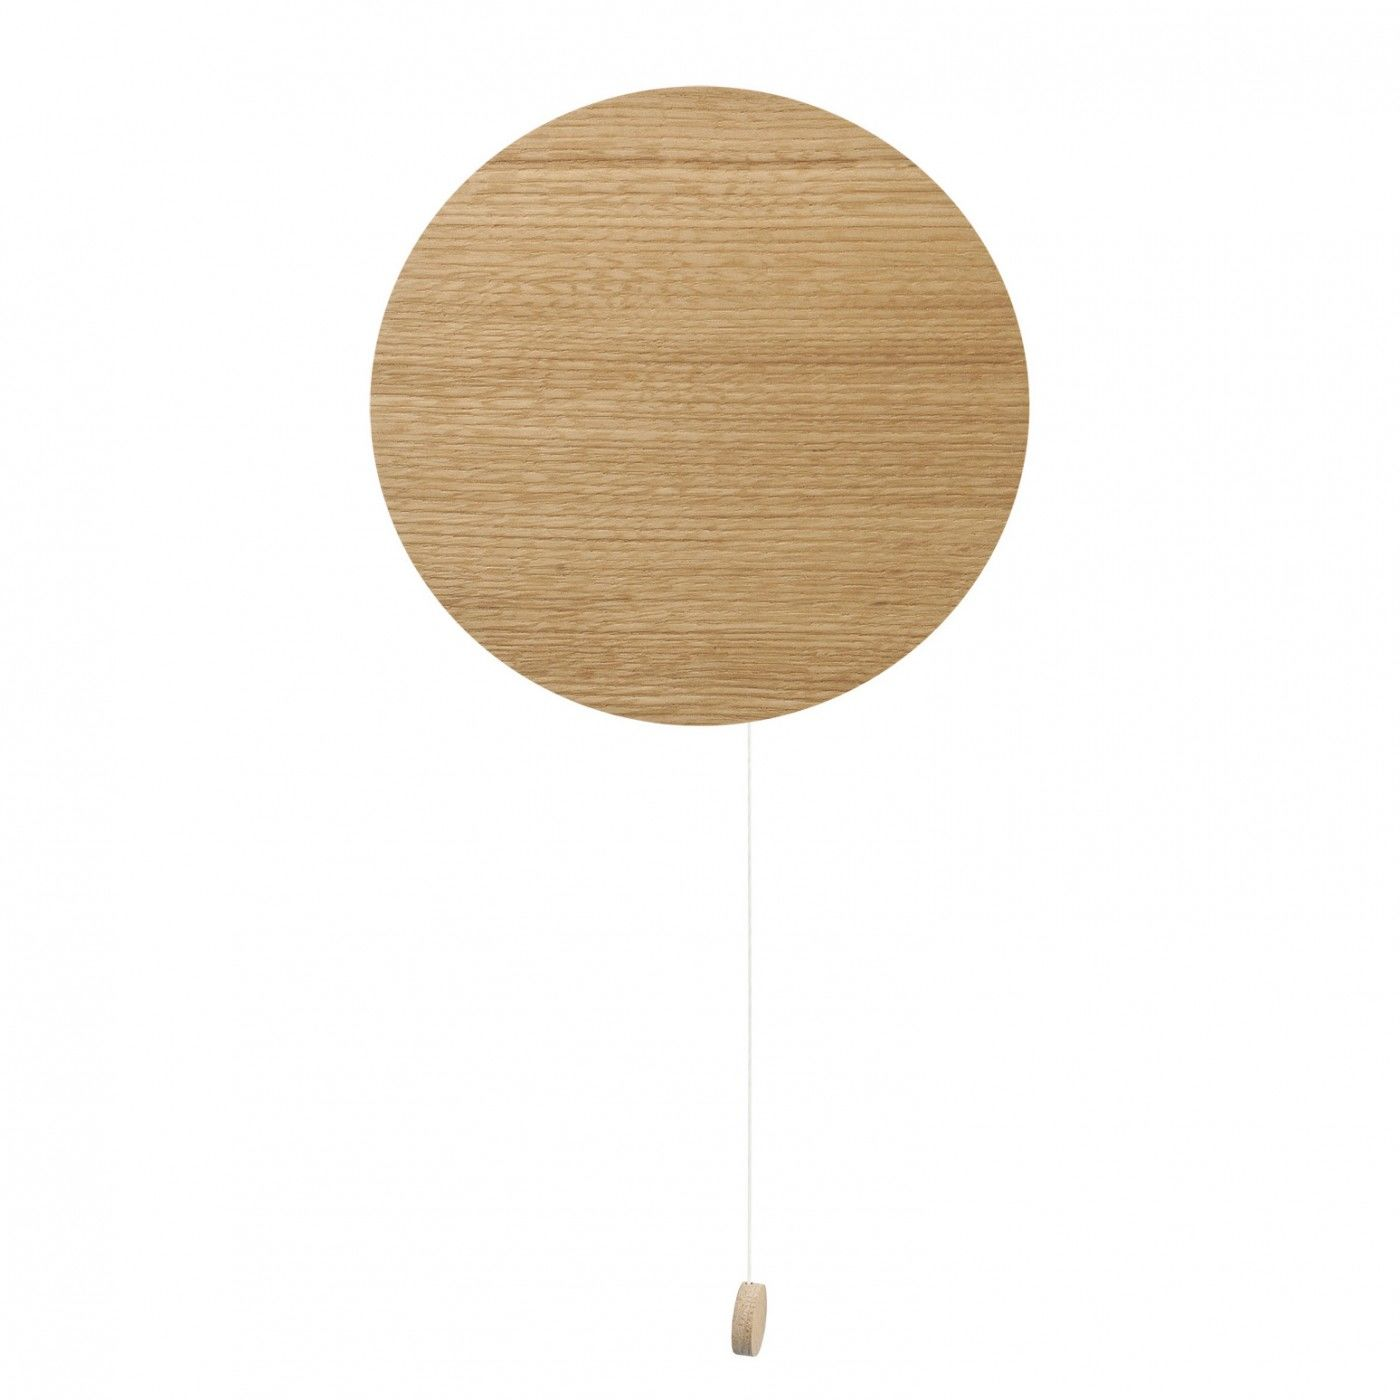 Kinkiet Minimal 9377 Nowodvorski Lighting okrągła oprawa ścienna z drewna dębowego